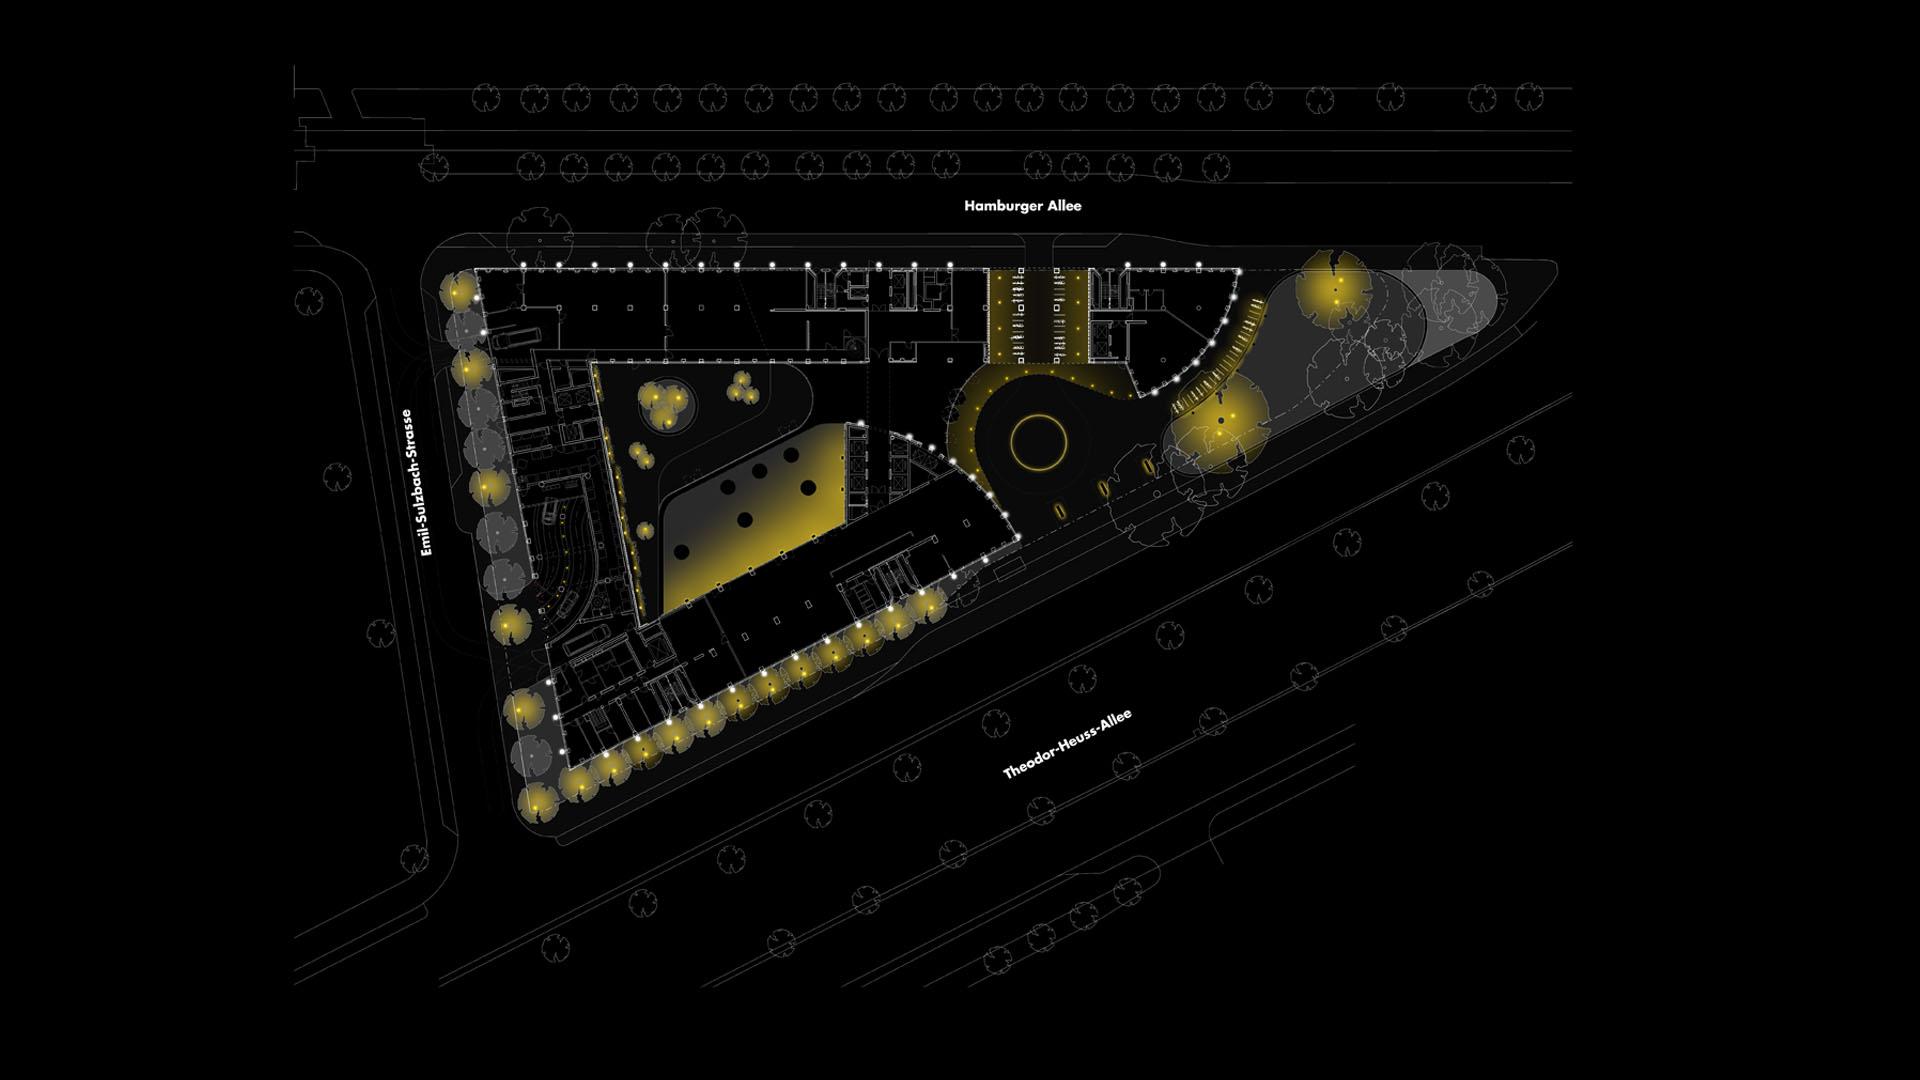 MAASS-Lichtplanung_Konzept Fassadenbeleuchtung ING-DiBa__MAASS-Poseidonhaus-006